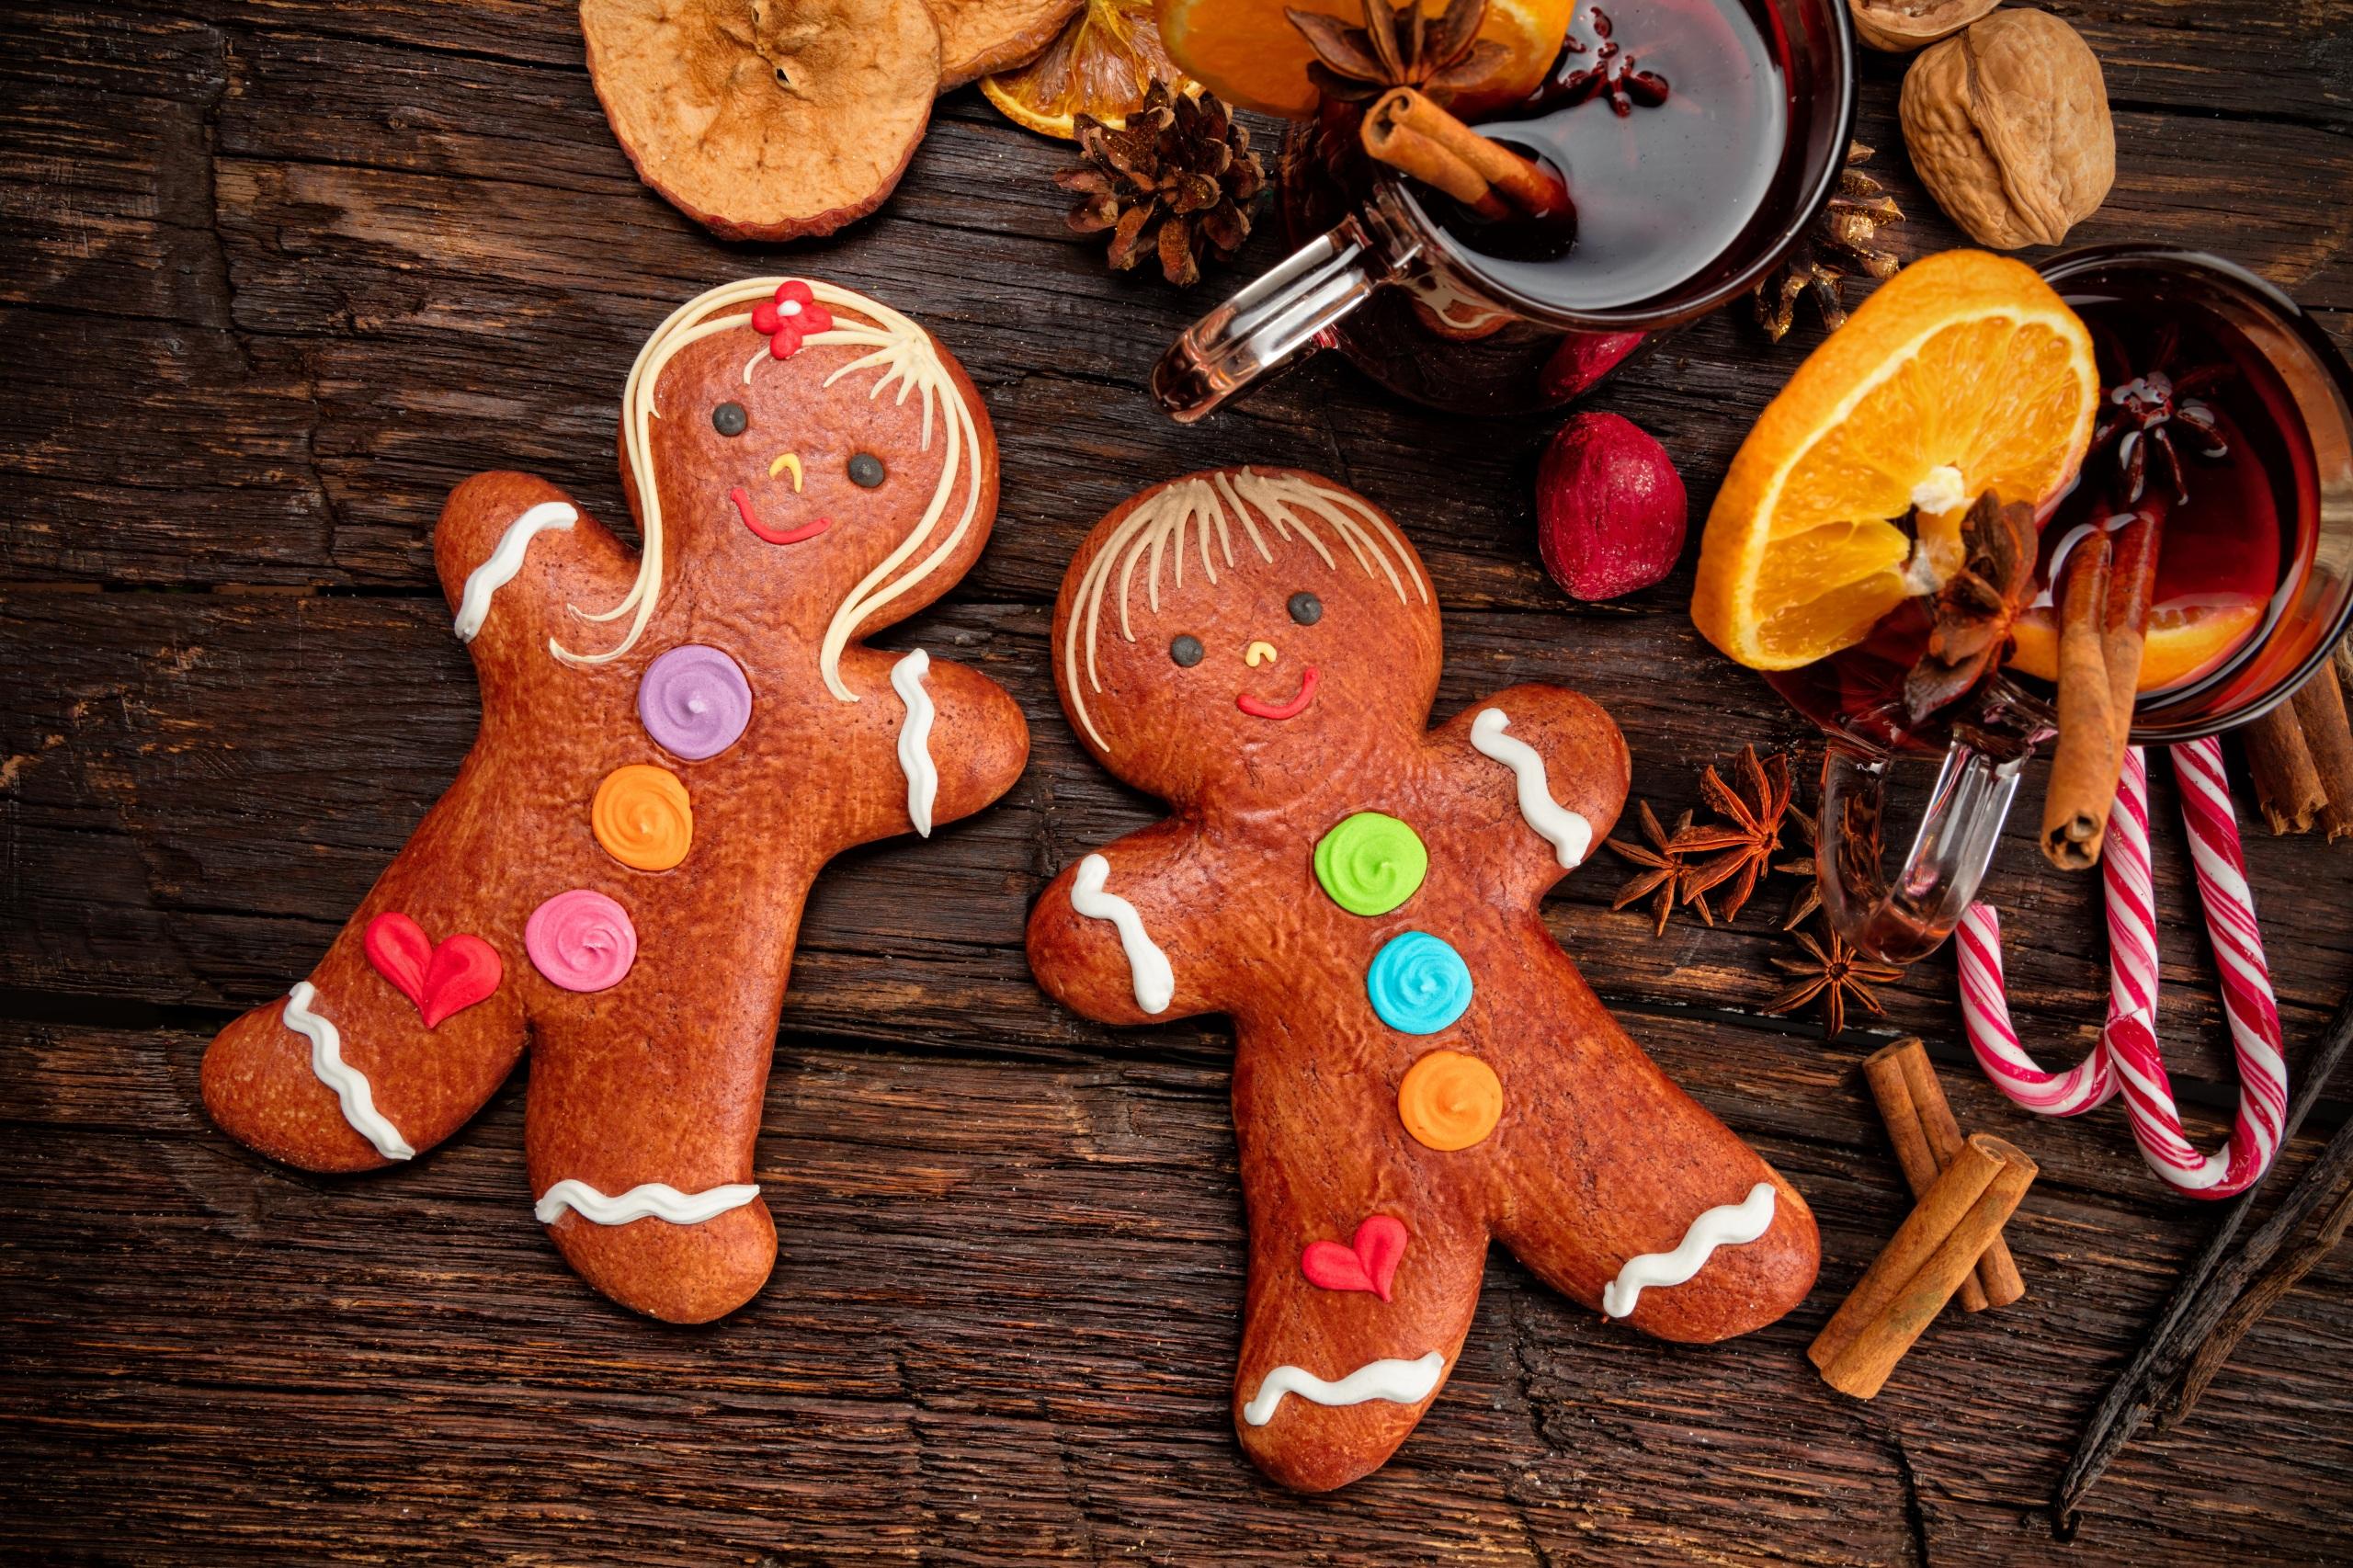 Фото Рождество Бадьян звезда аниса Корица Еда Печенье сладкая еда дизайна 2560x1706 Новый год Пища Продукты питания Сладости Дизайн